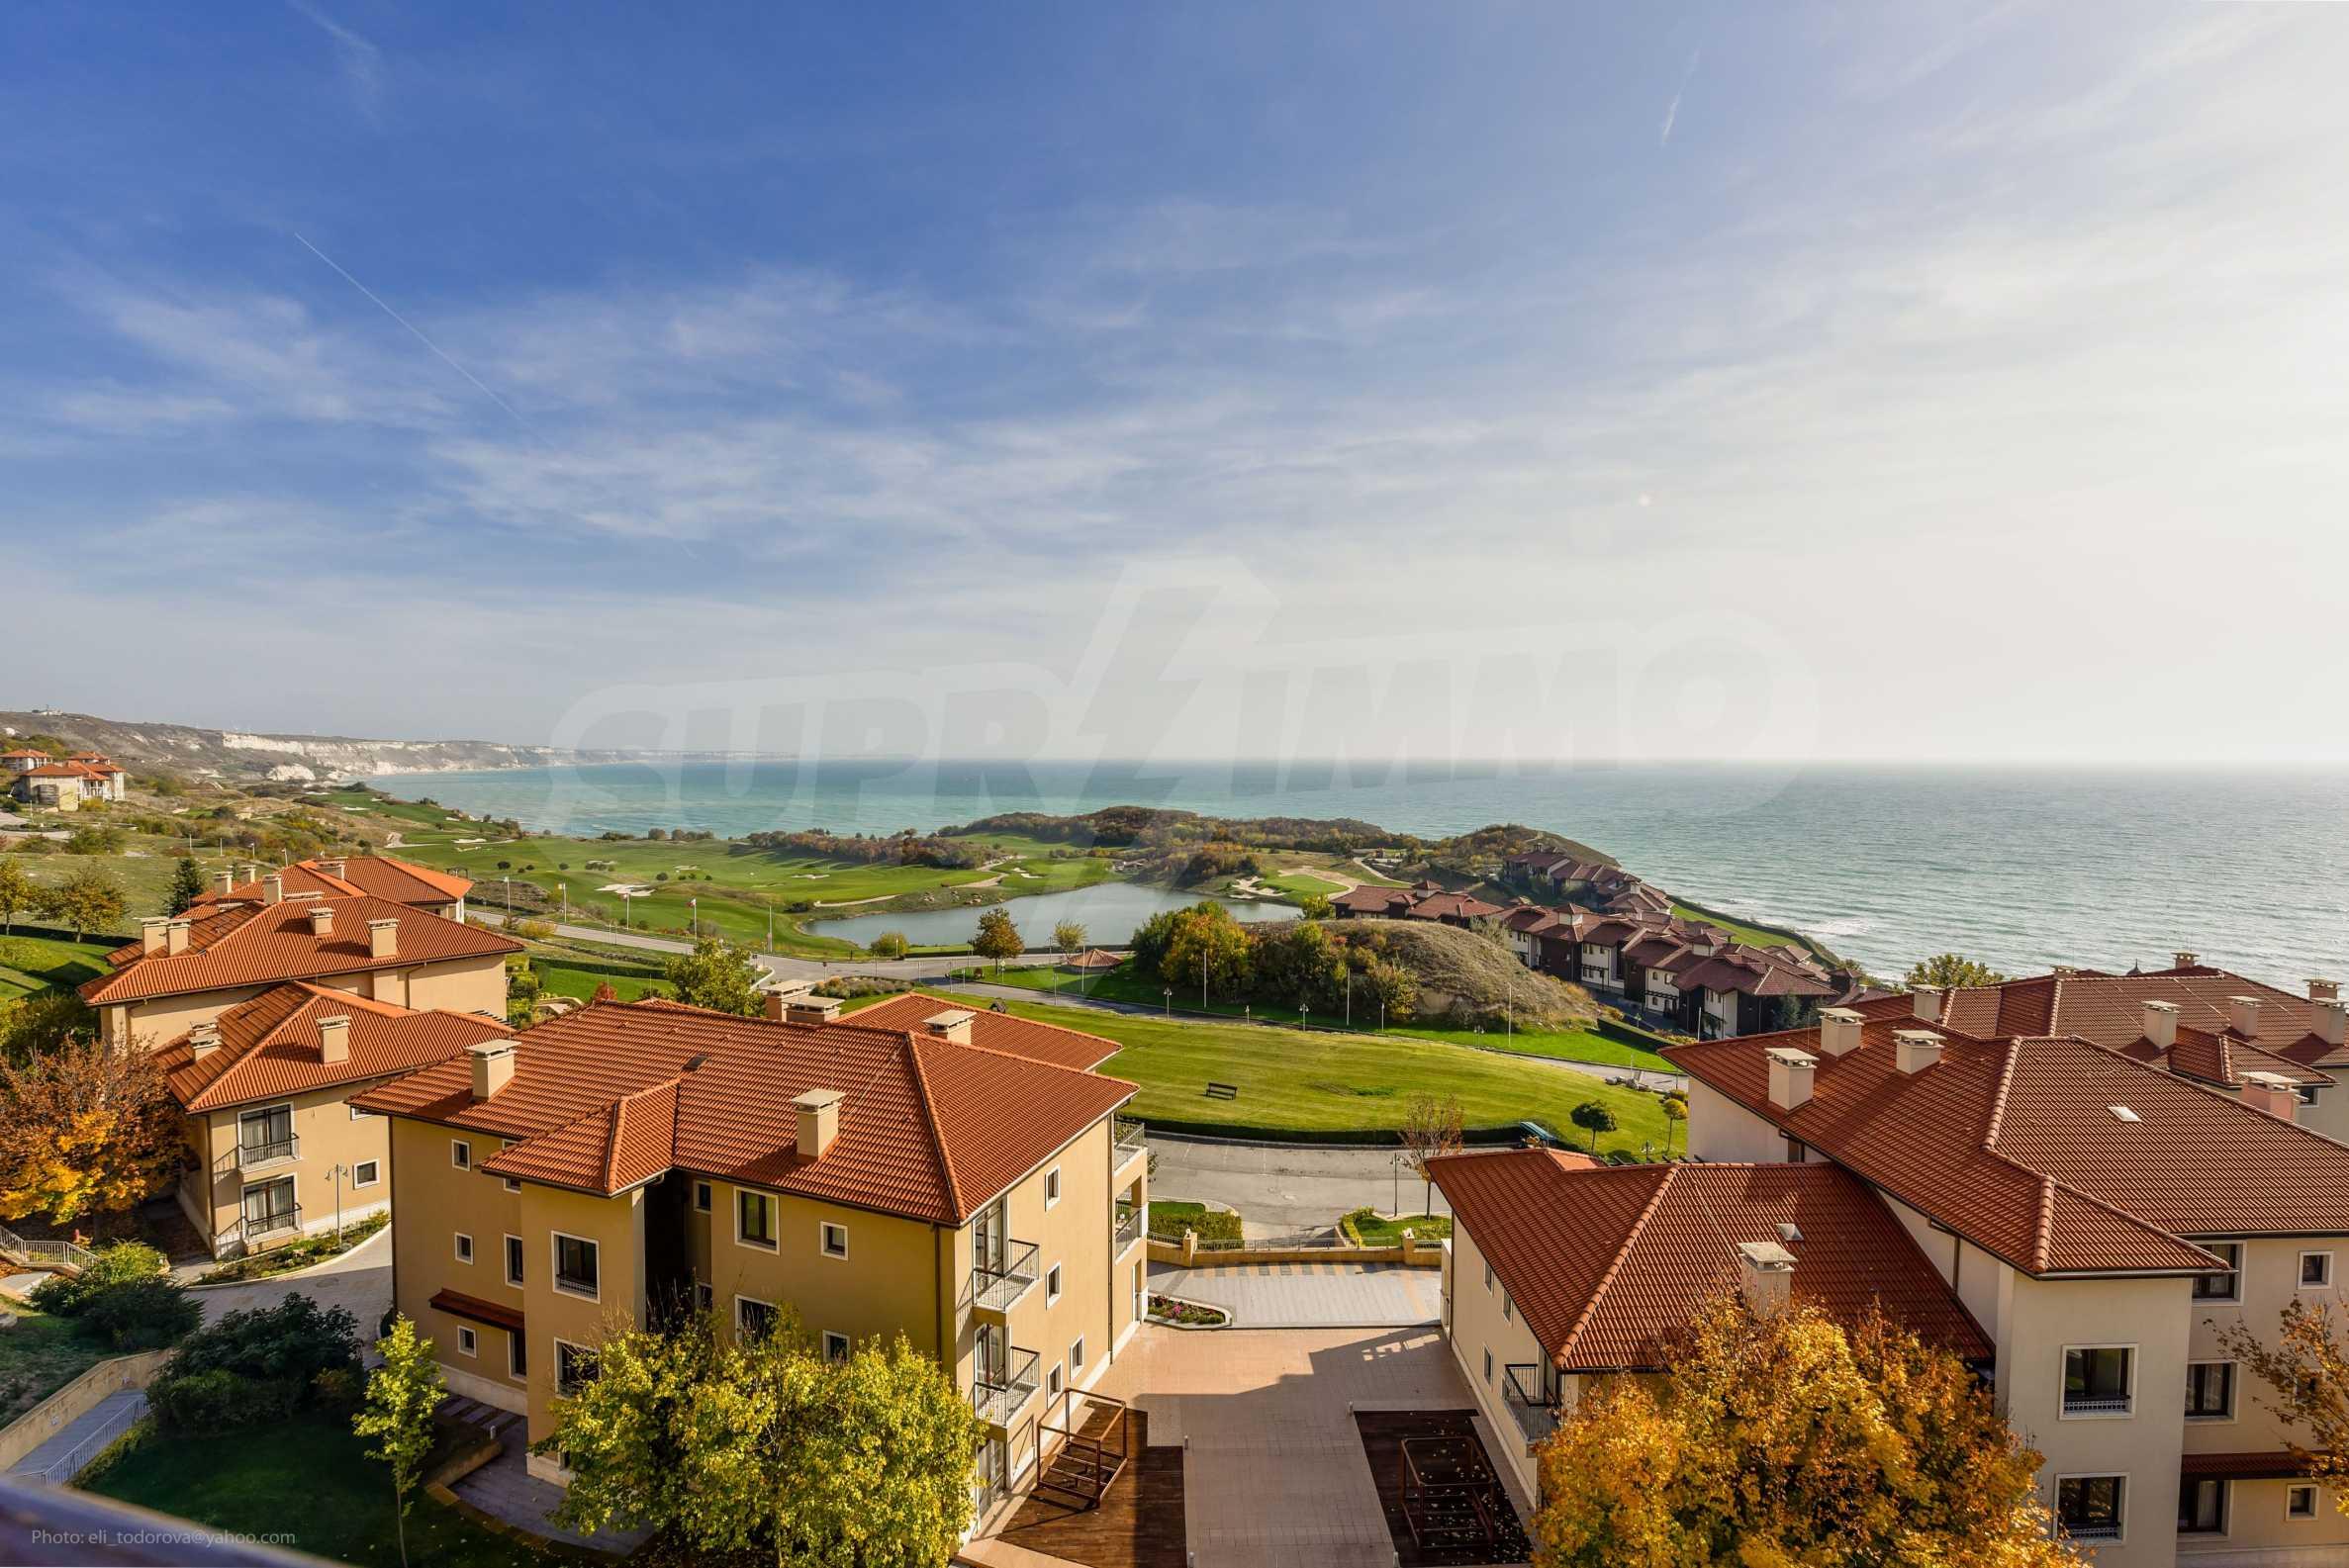 Thracian Cliffs Golf & Beach Resort - гольф-курорт мирового класса 1